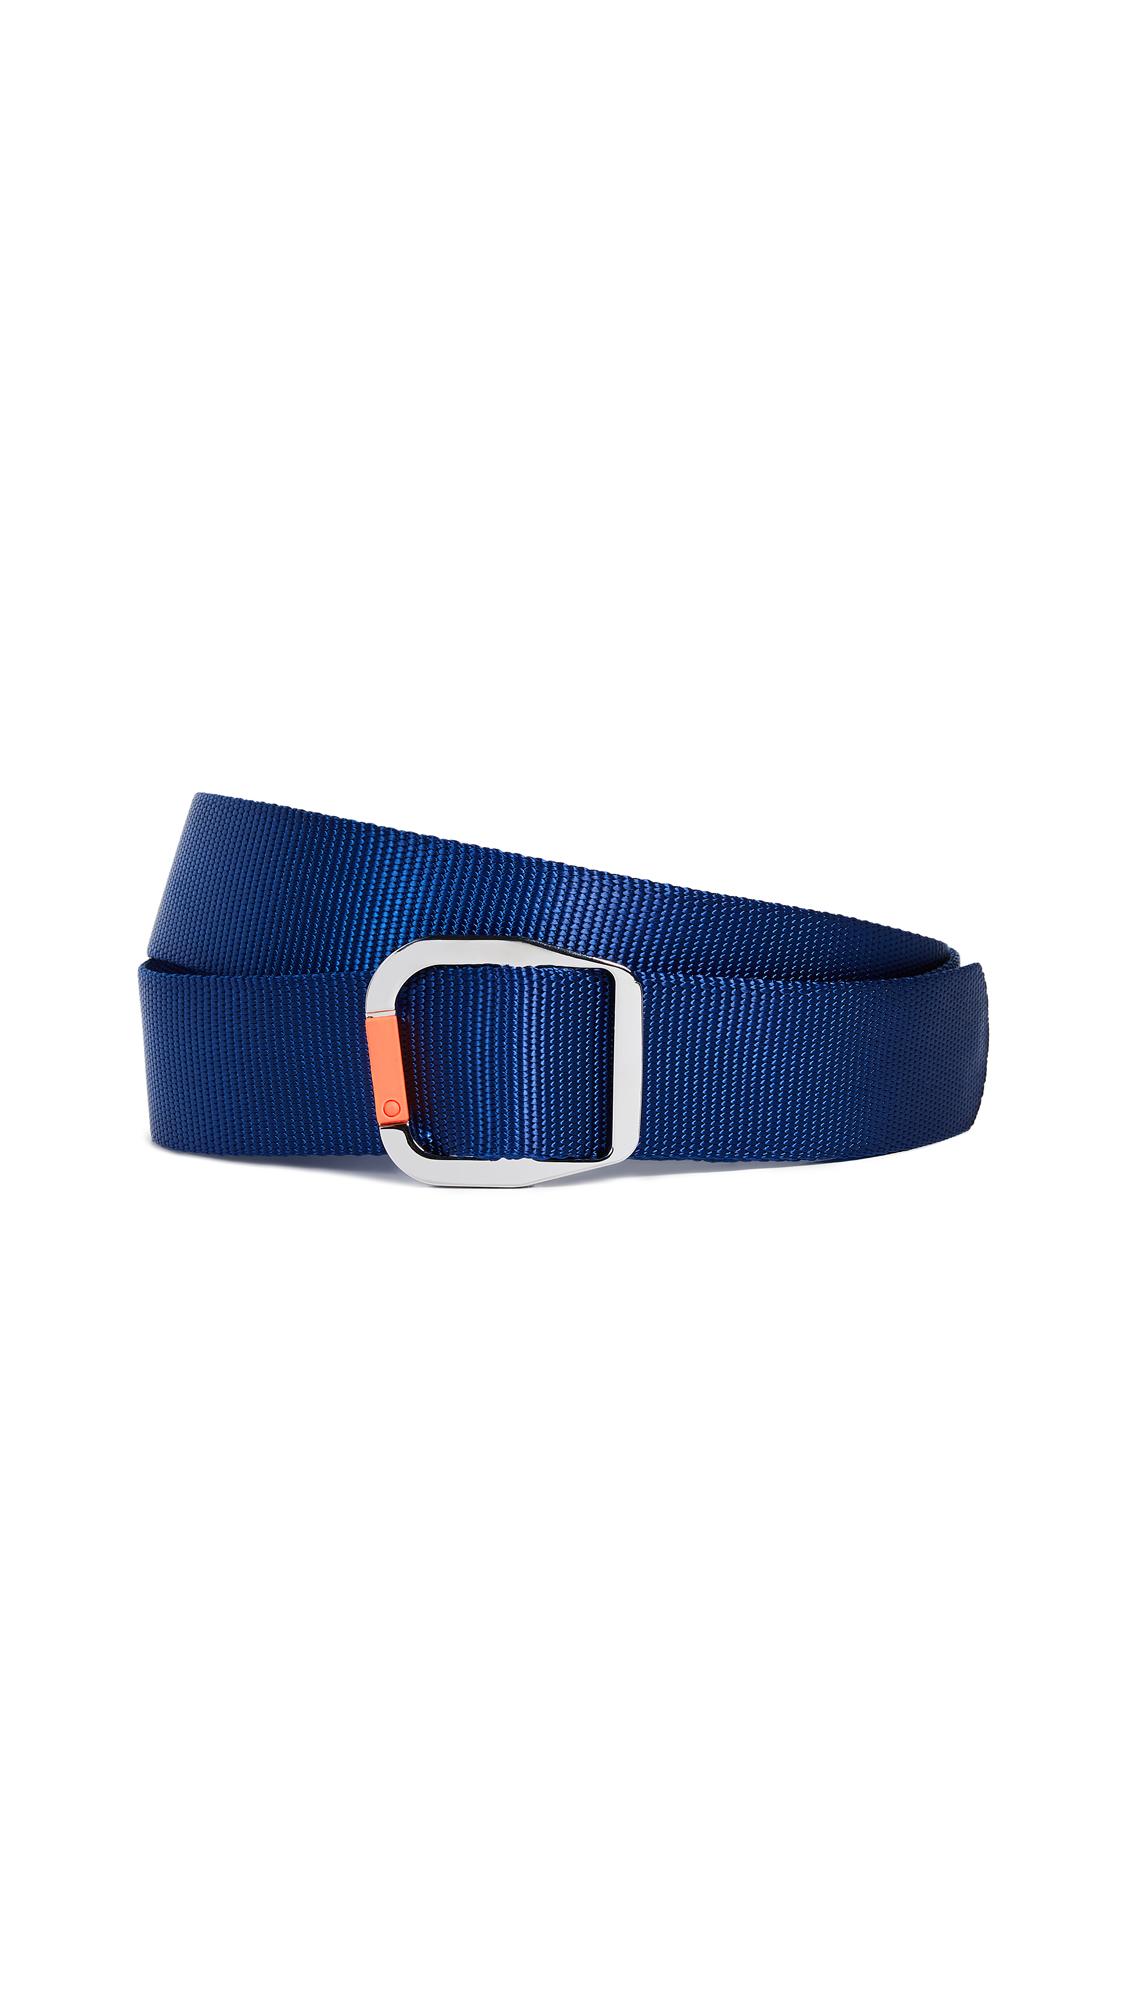 Tibi Carabiner Nylon Belt - Blue Multi